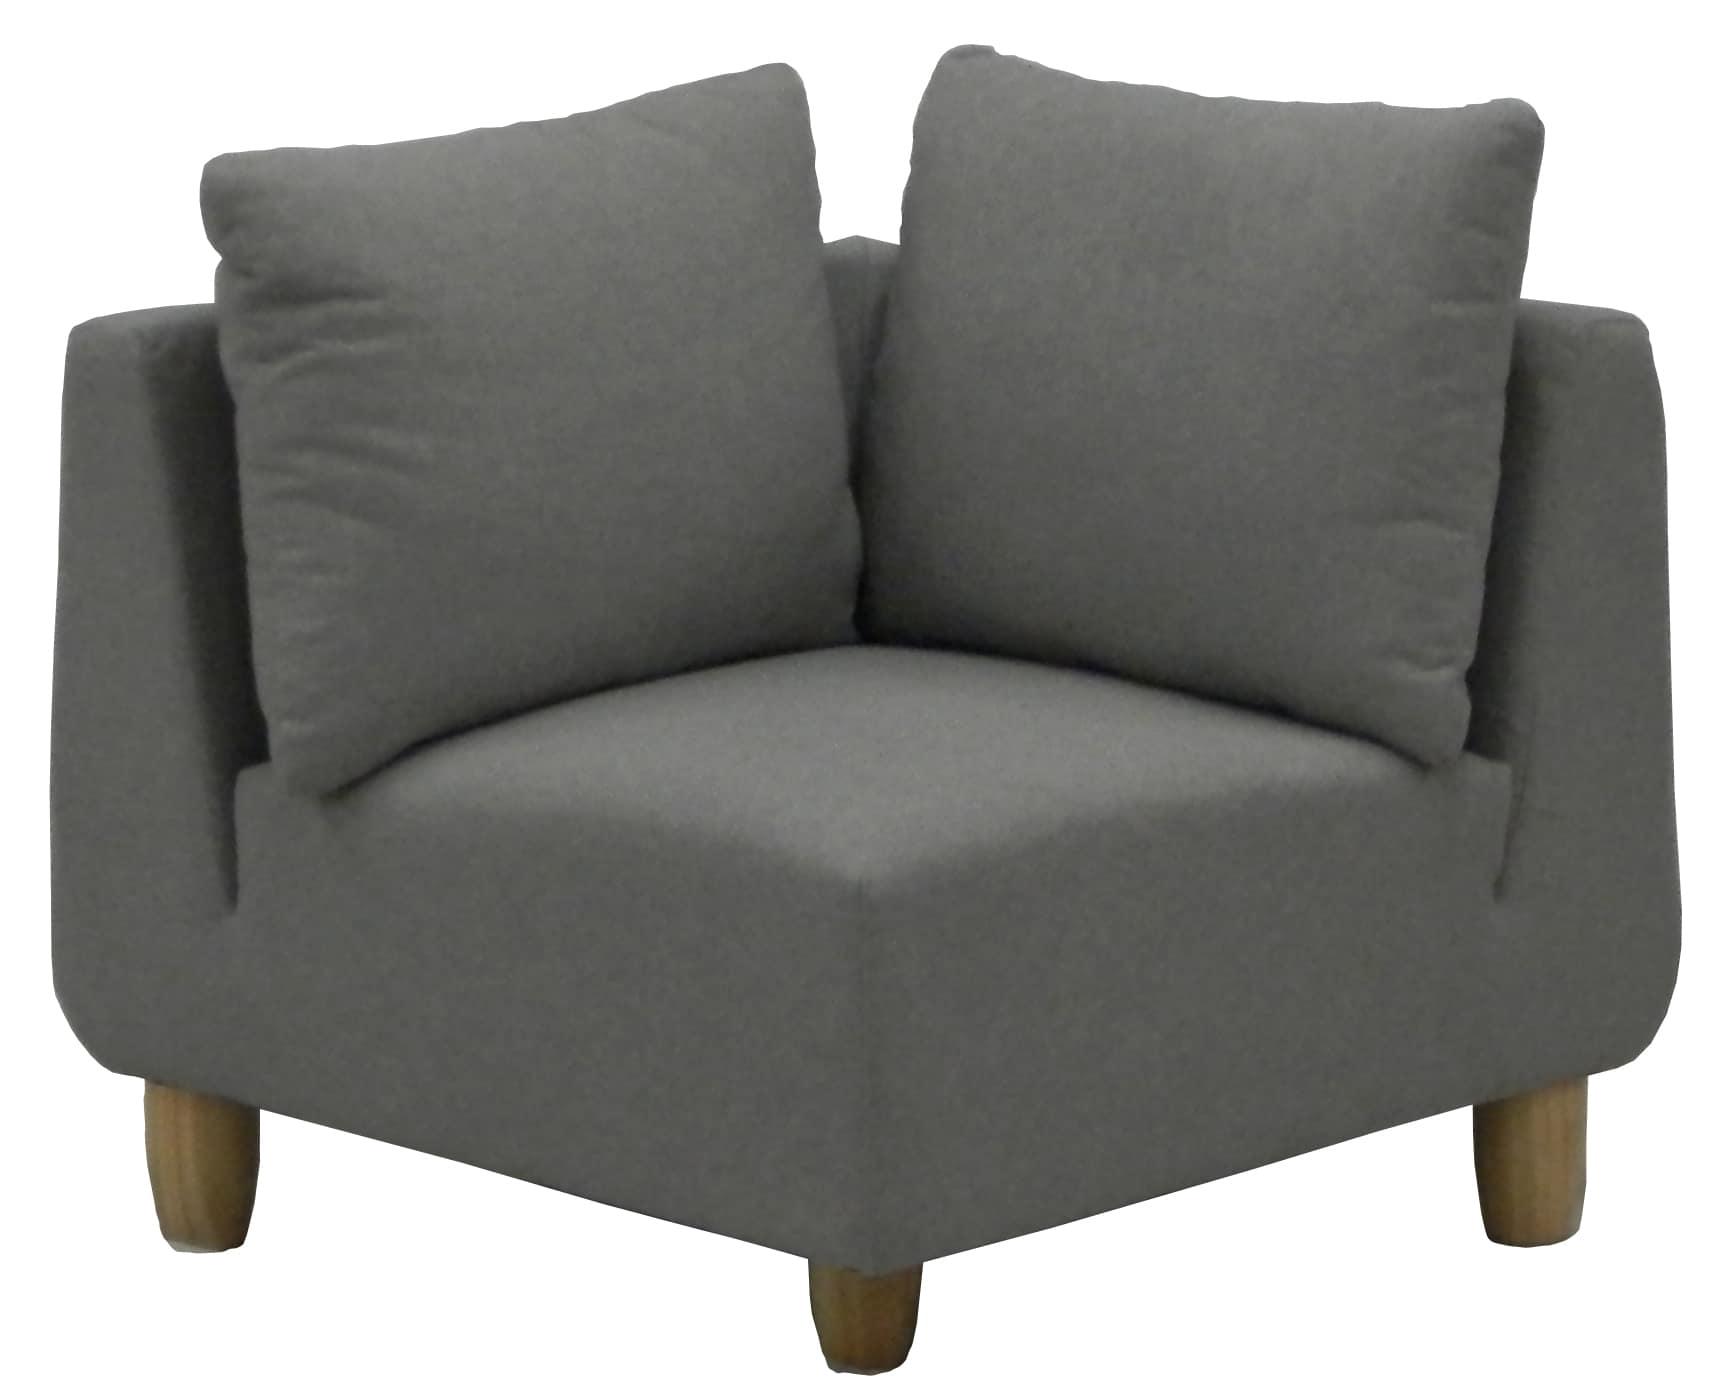 コーナーソファ リベルタ グレー:《座り心地抜群のソファー「リベルタ」》